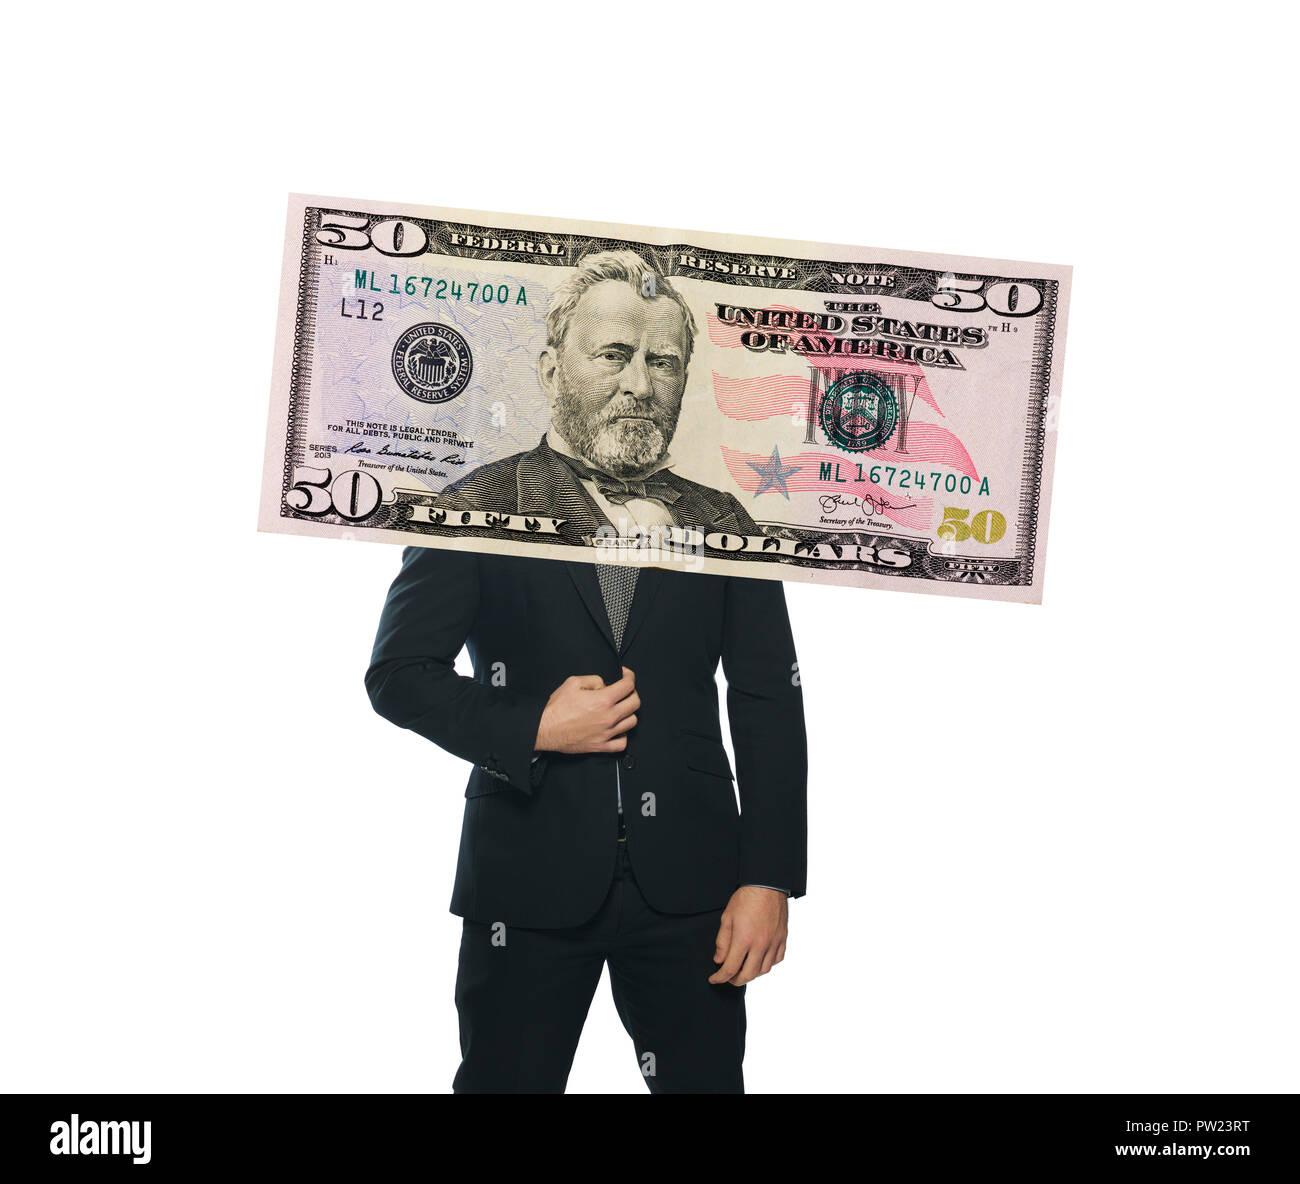 Konzept ein Mann mit einem Anzug stehend, über seinem Kopf, mit einem Kopf von Präsident Grant von $ 50 $ 50 Dollar Bill, Geld, Recht, Stockbild